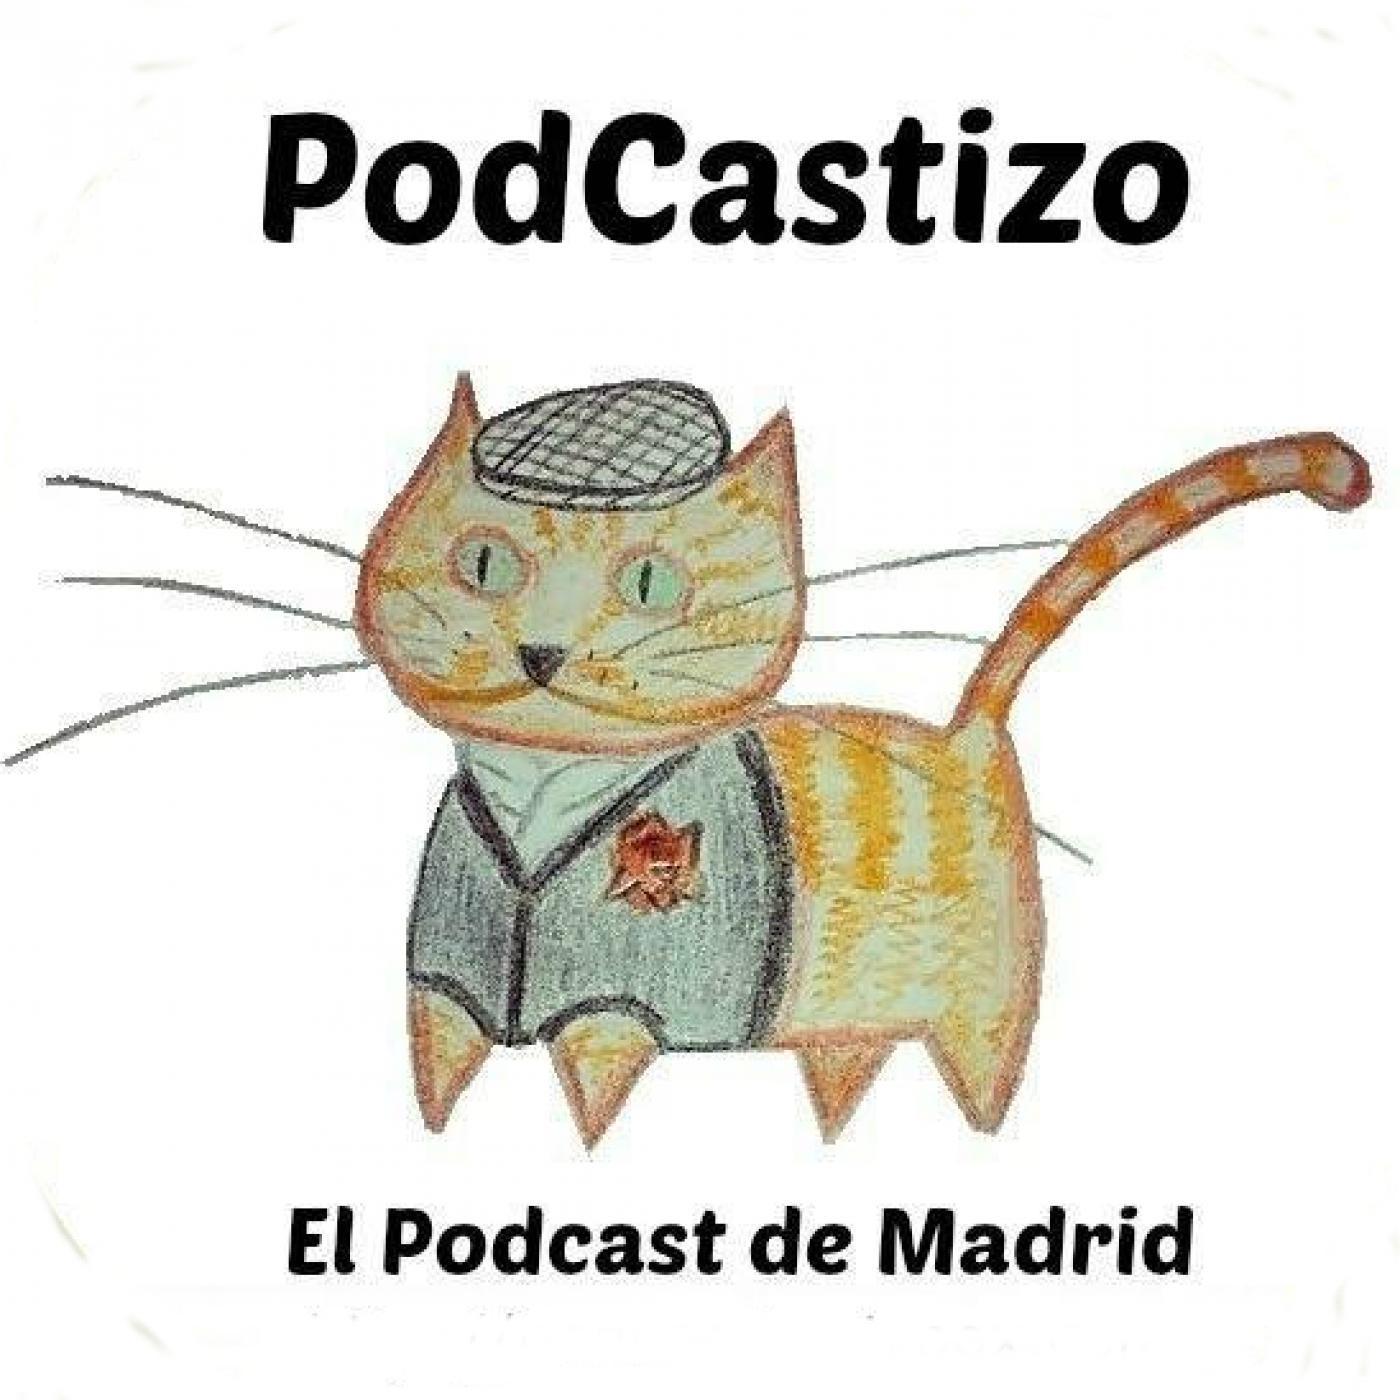 <![CDATA[PodCastizo, el podcast de Madrid]]>